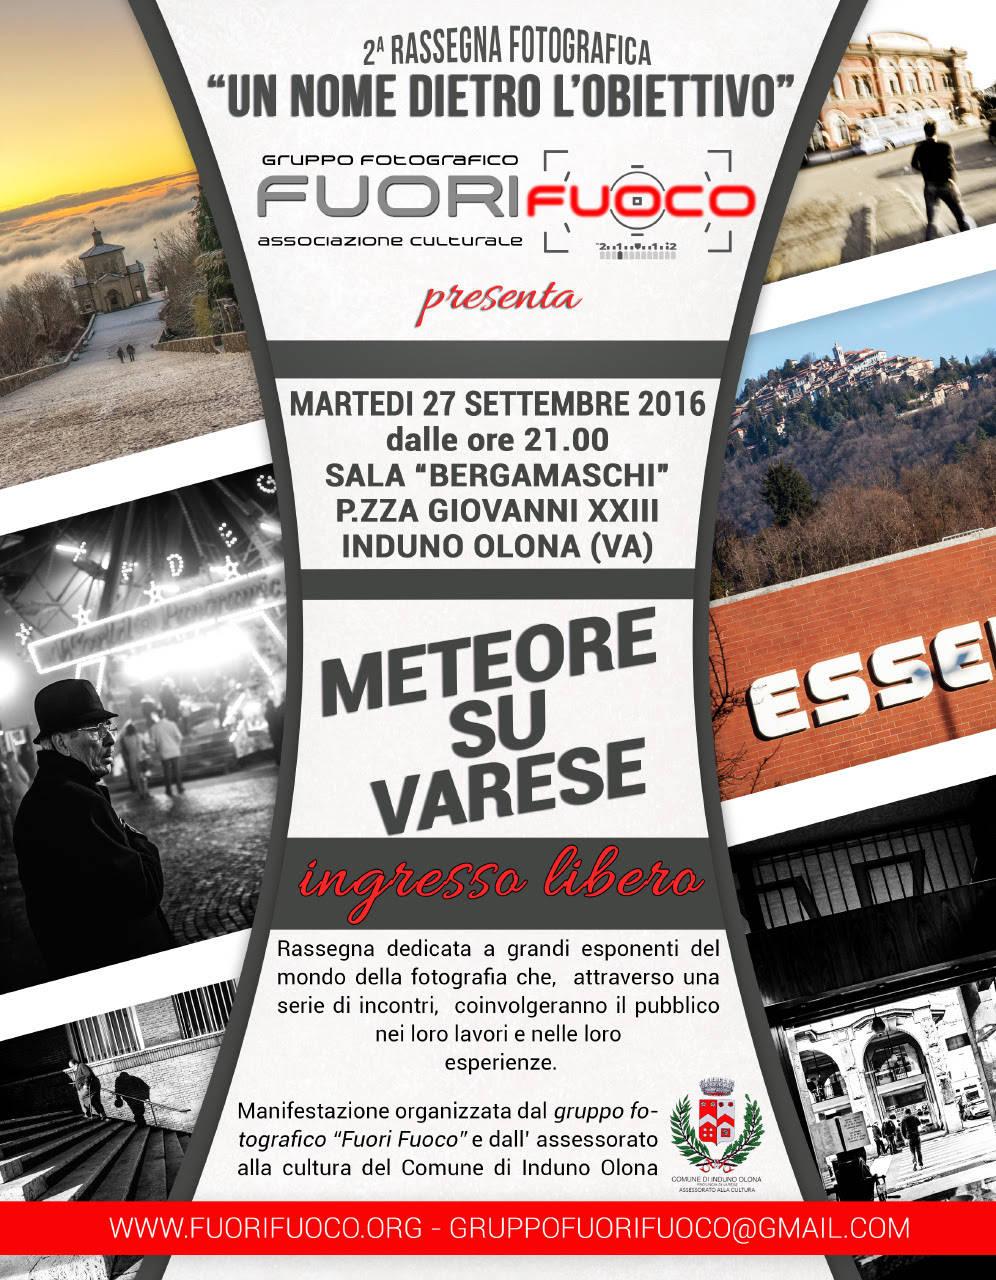 Meteore su Varese